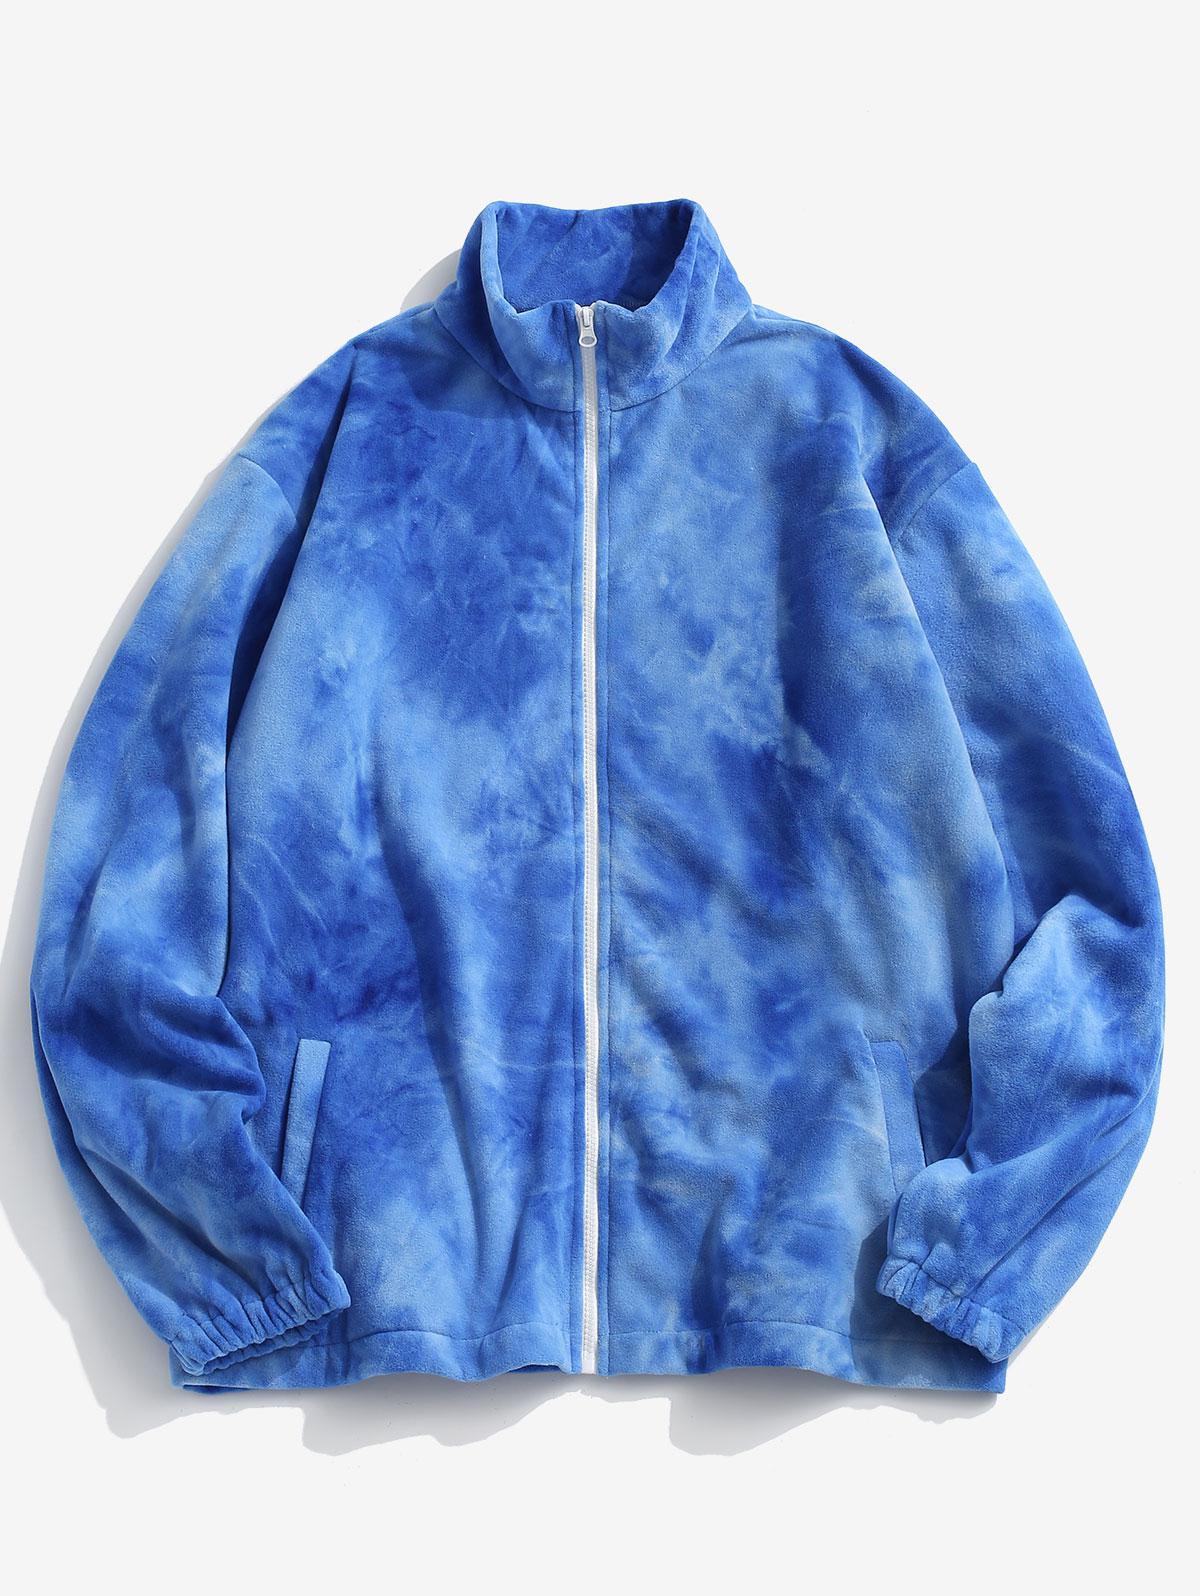 Zaful Zip Up Fleece Jacket